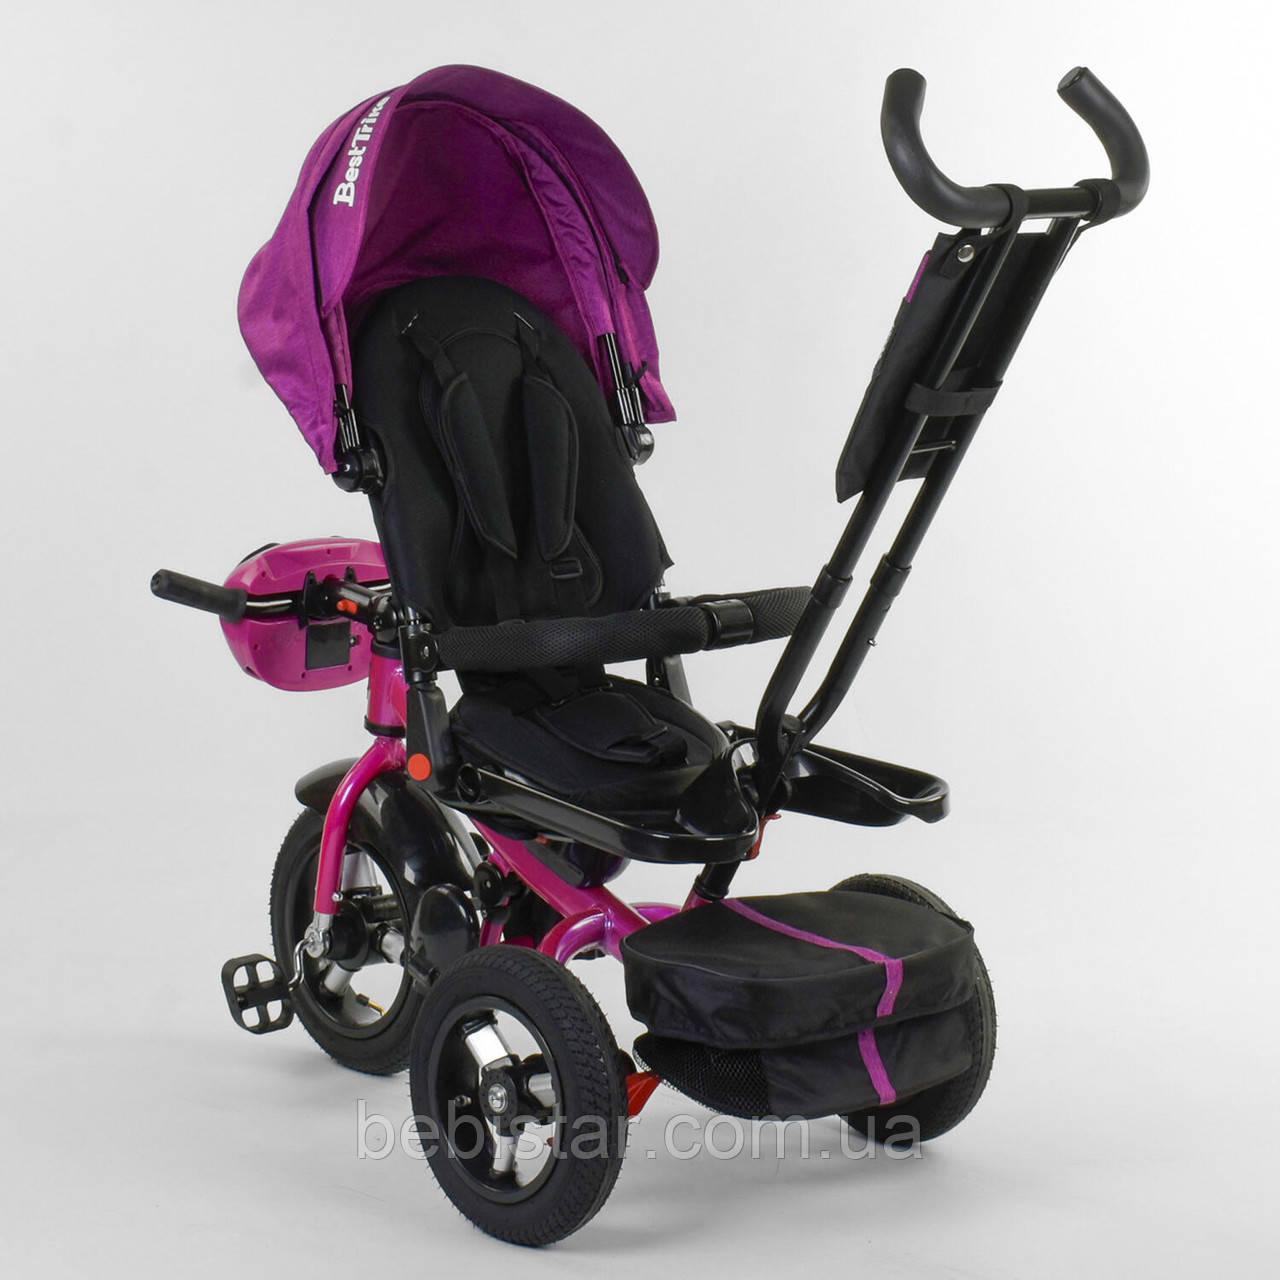 Трехколесный велосипед бордовый Best Trike 6088 F поворотное сидения складной руль надувные колеса фара с USB